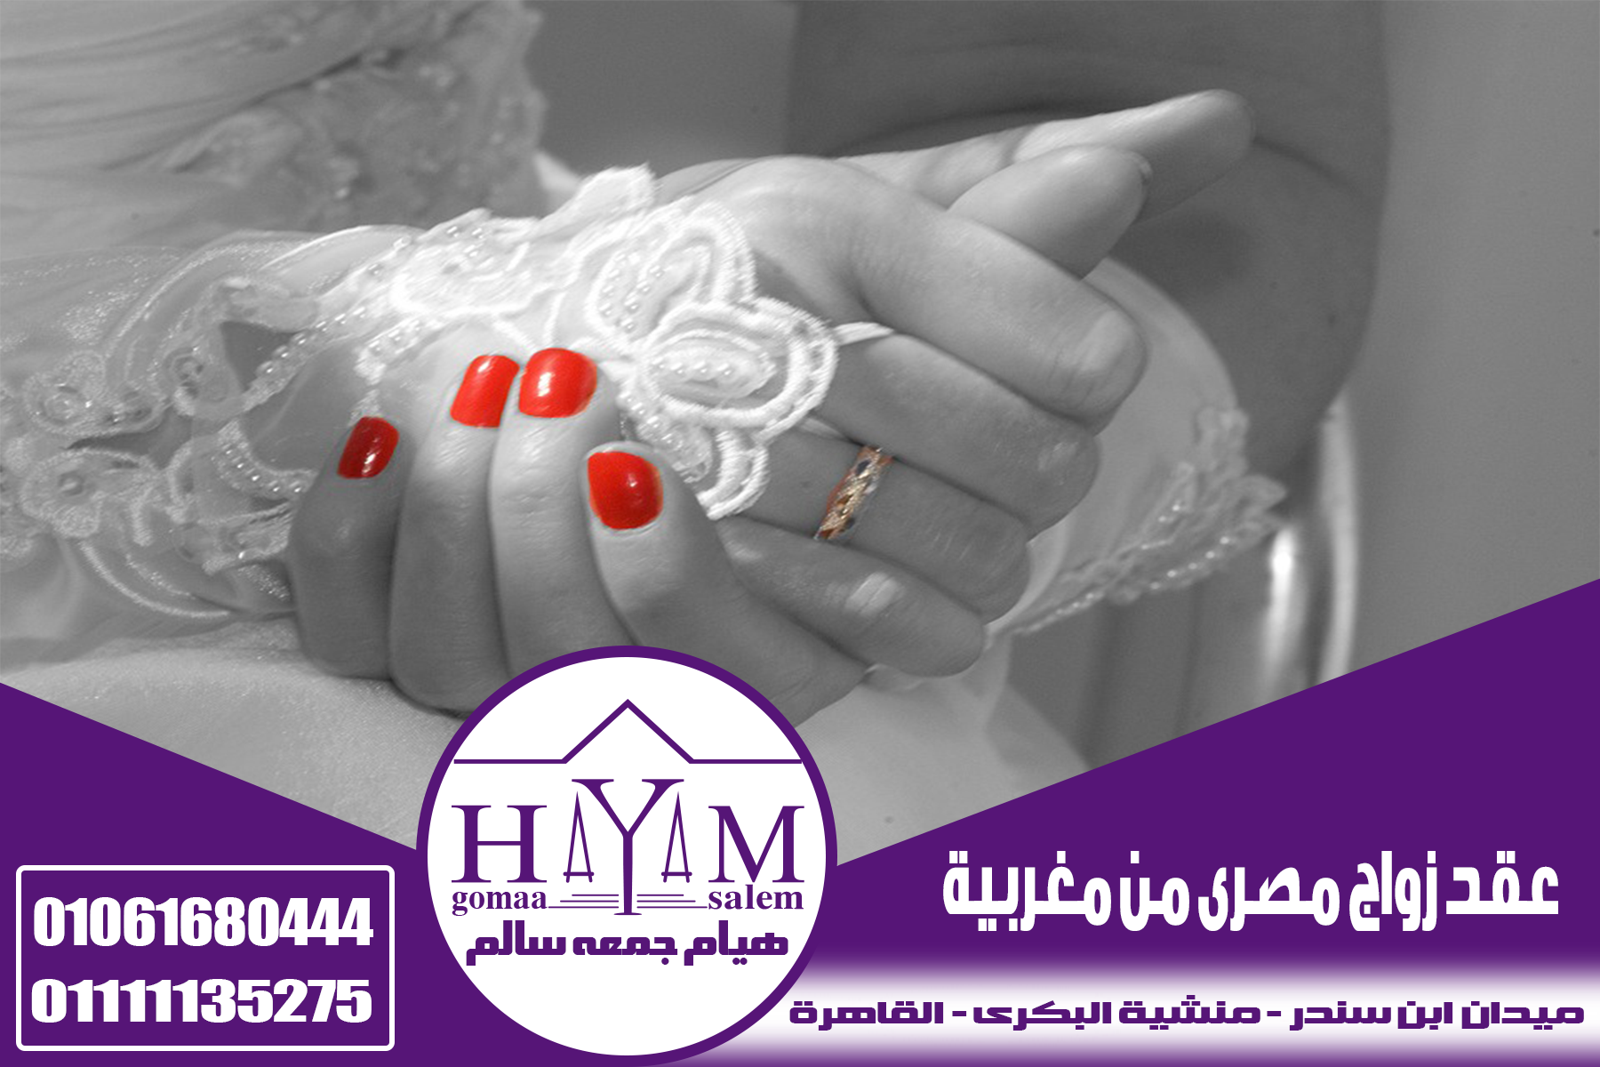 http://hayamgomaa-en.com/